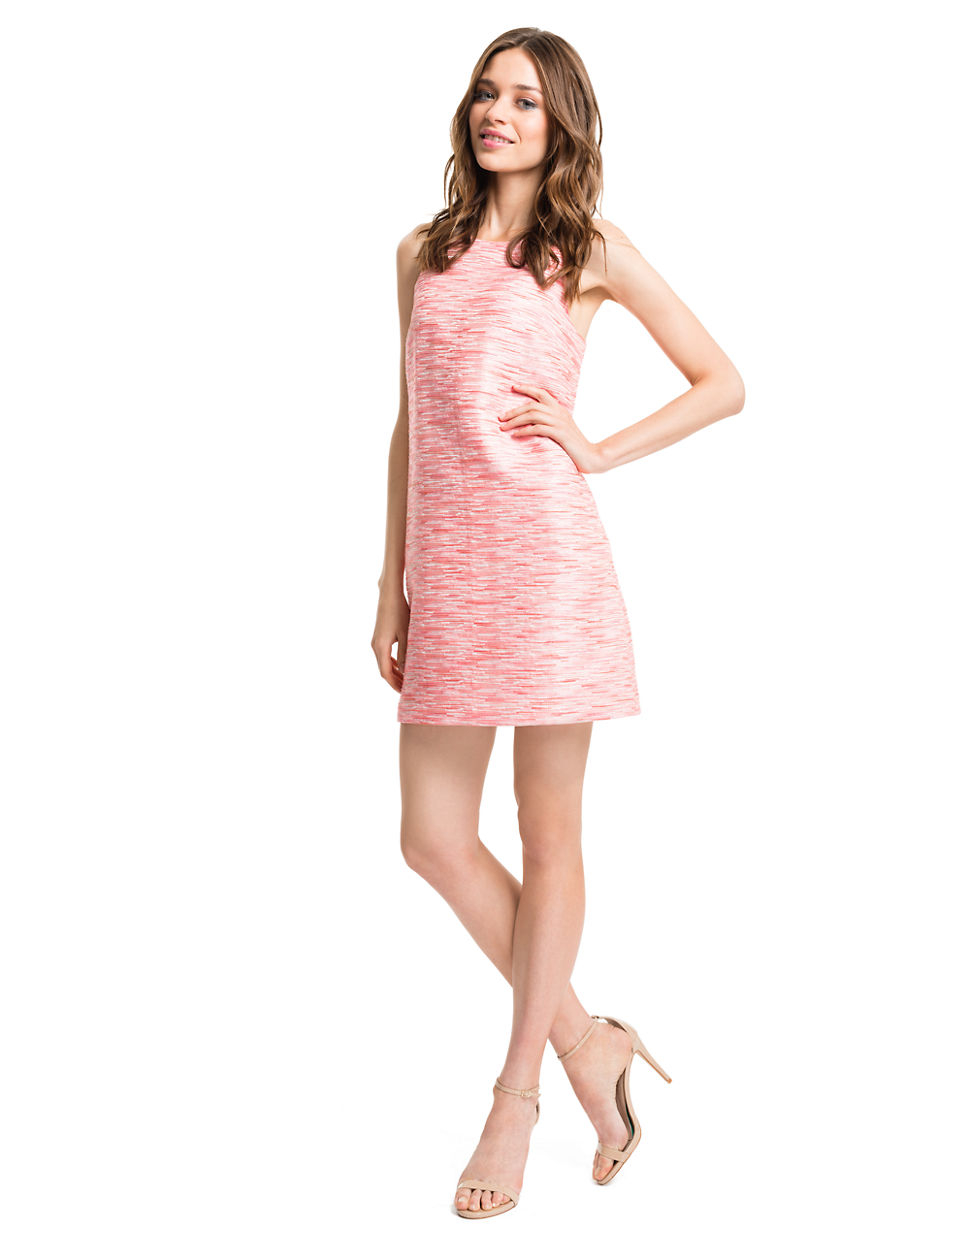 coctail dresses Arlington